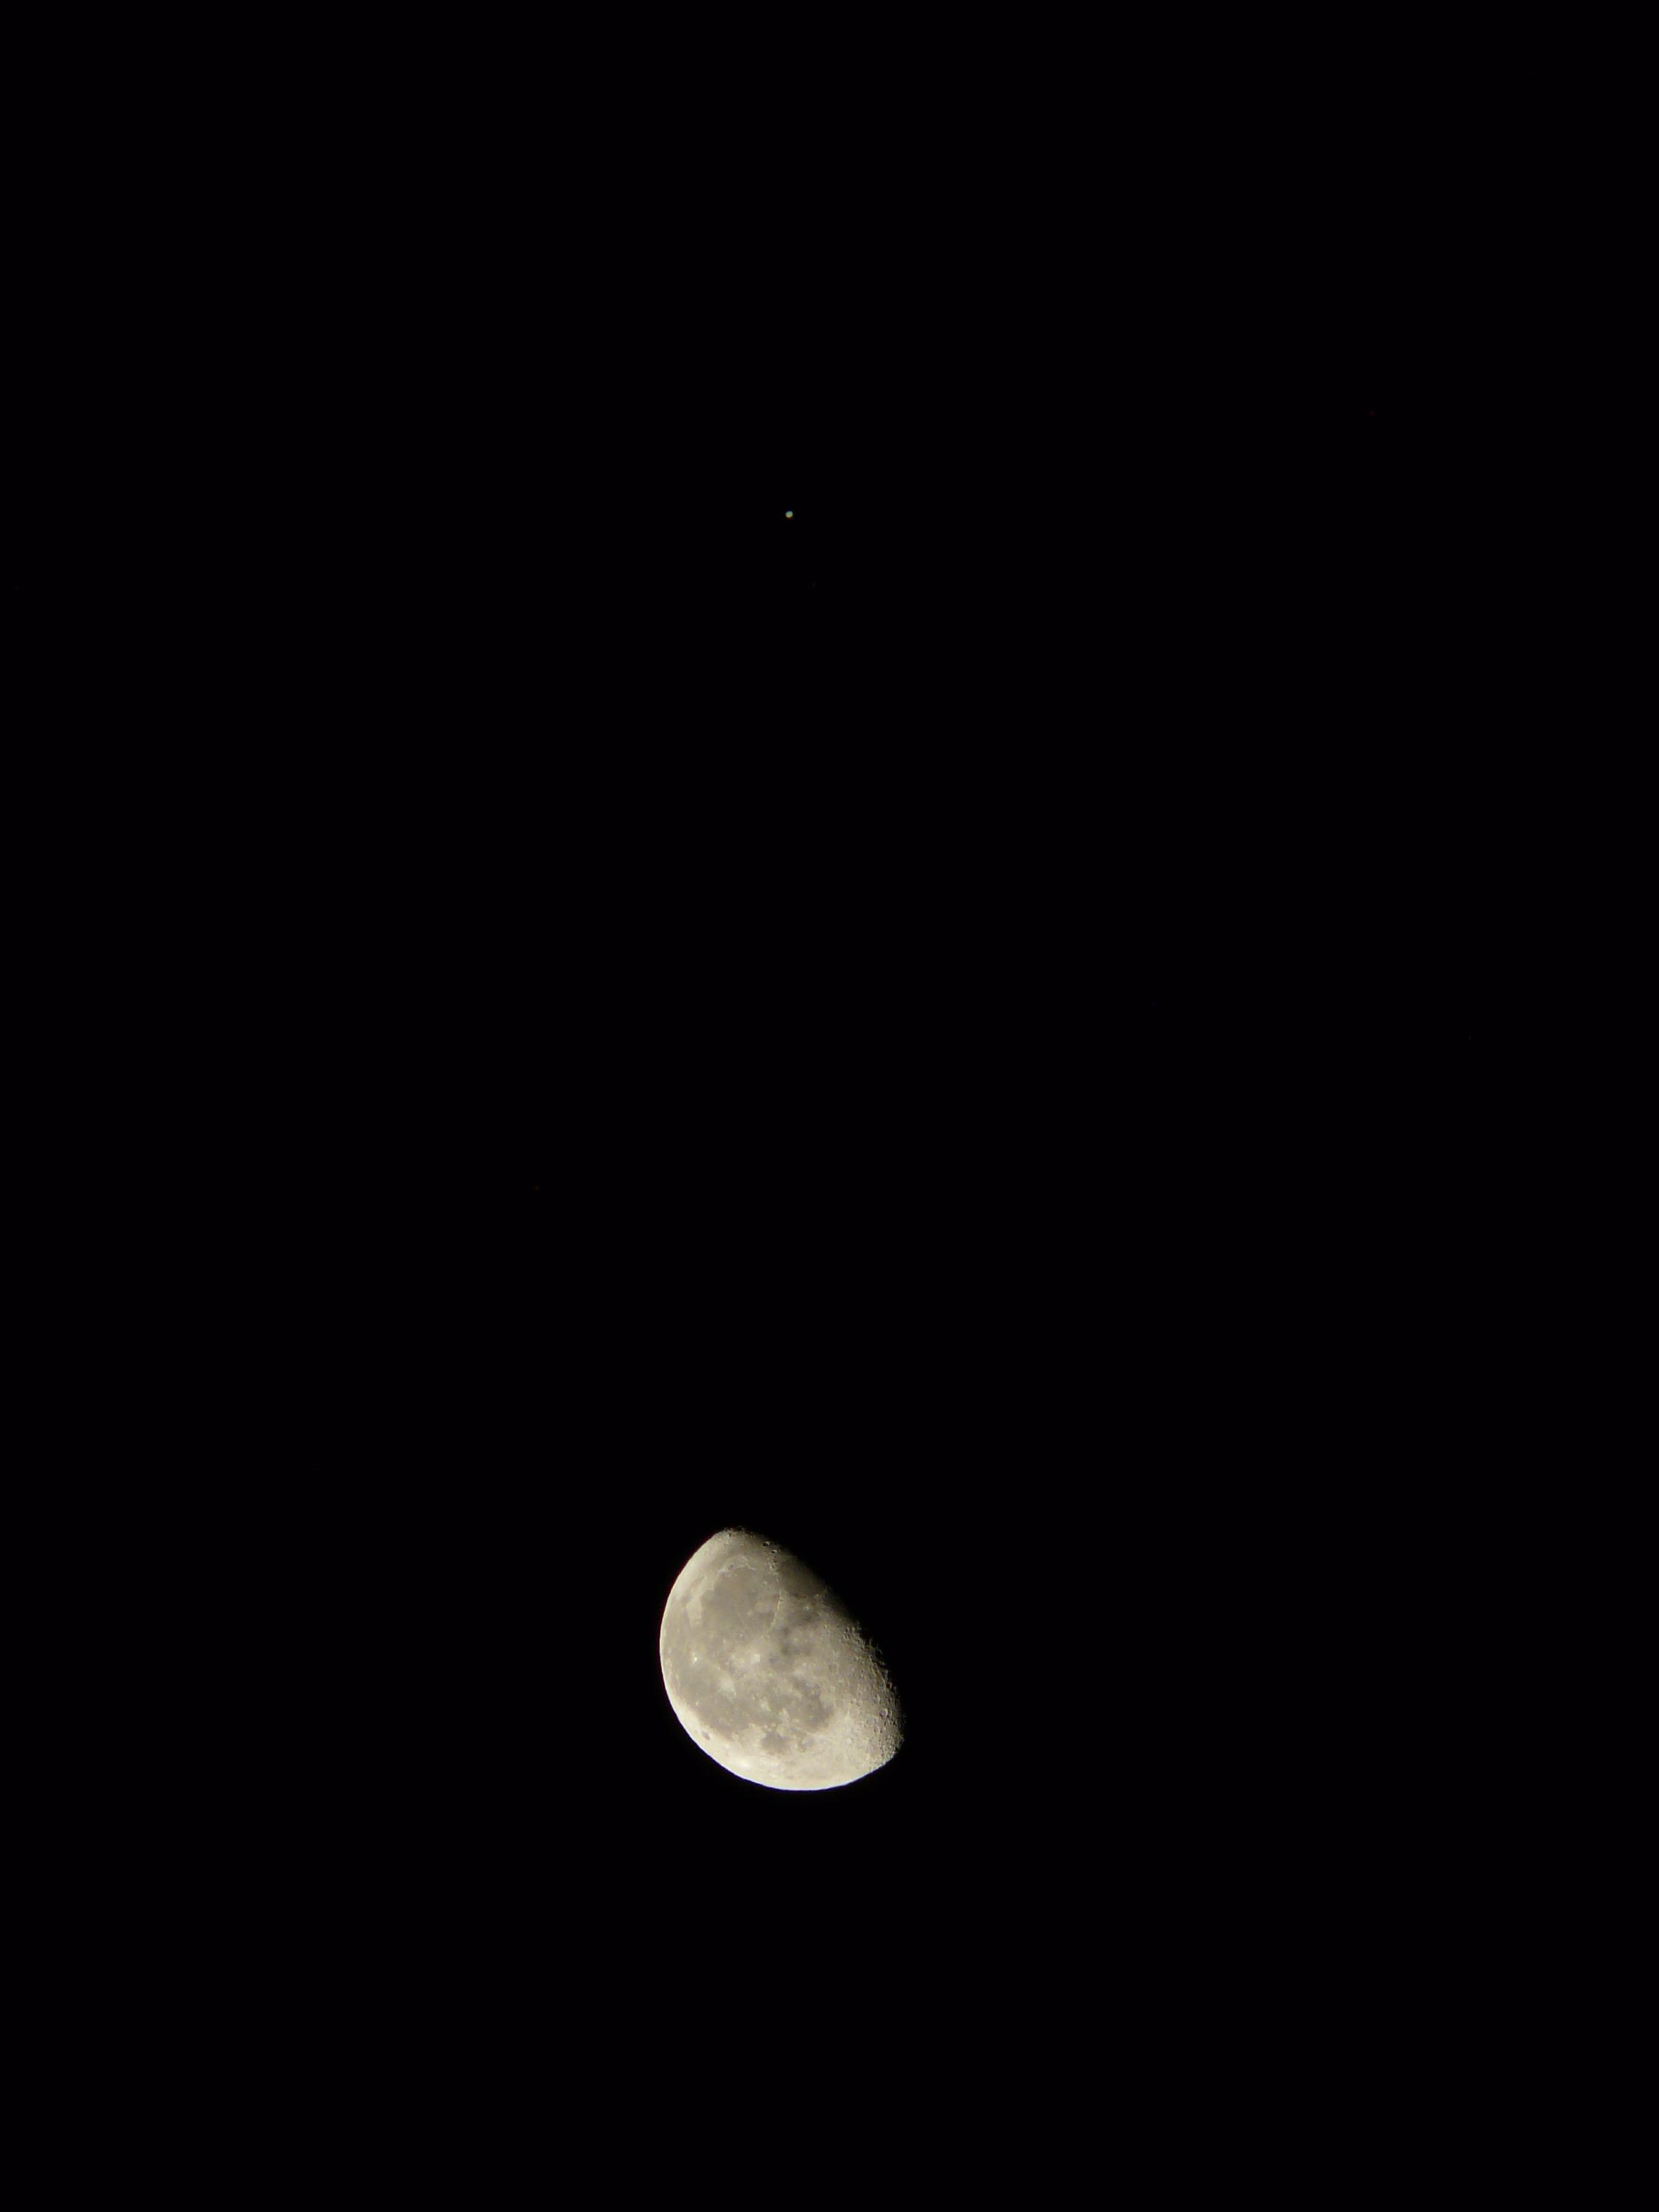 Gambar Hitam Dan Putih Langit Malam Bintang Bulan Purnama